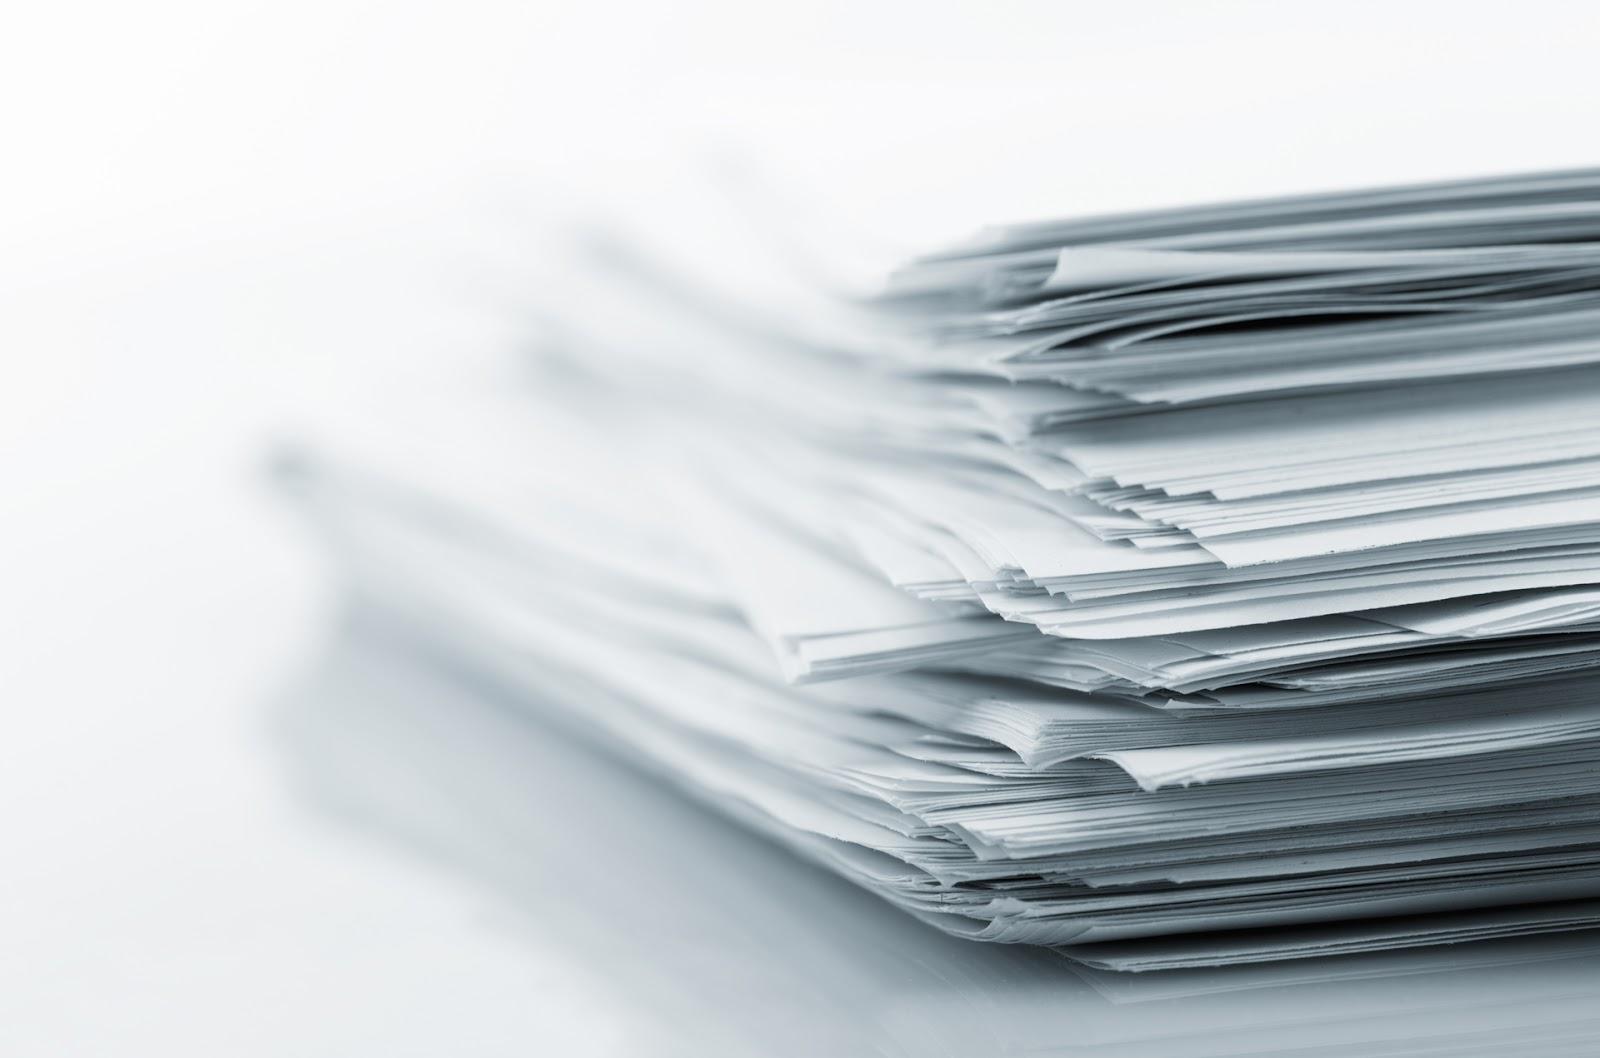 Para fechar a empresa, é essencial dar baixa na documentação